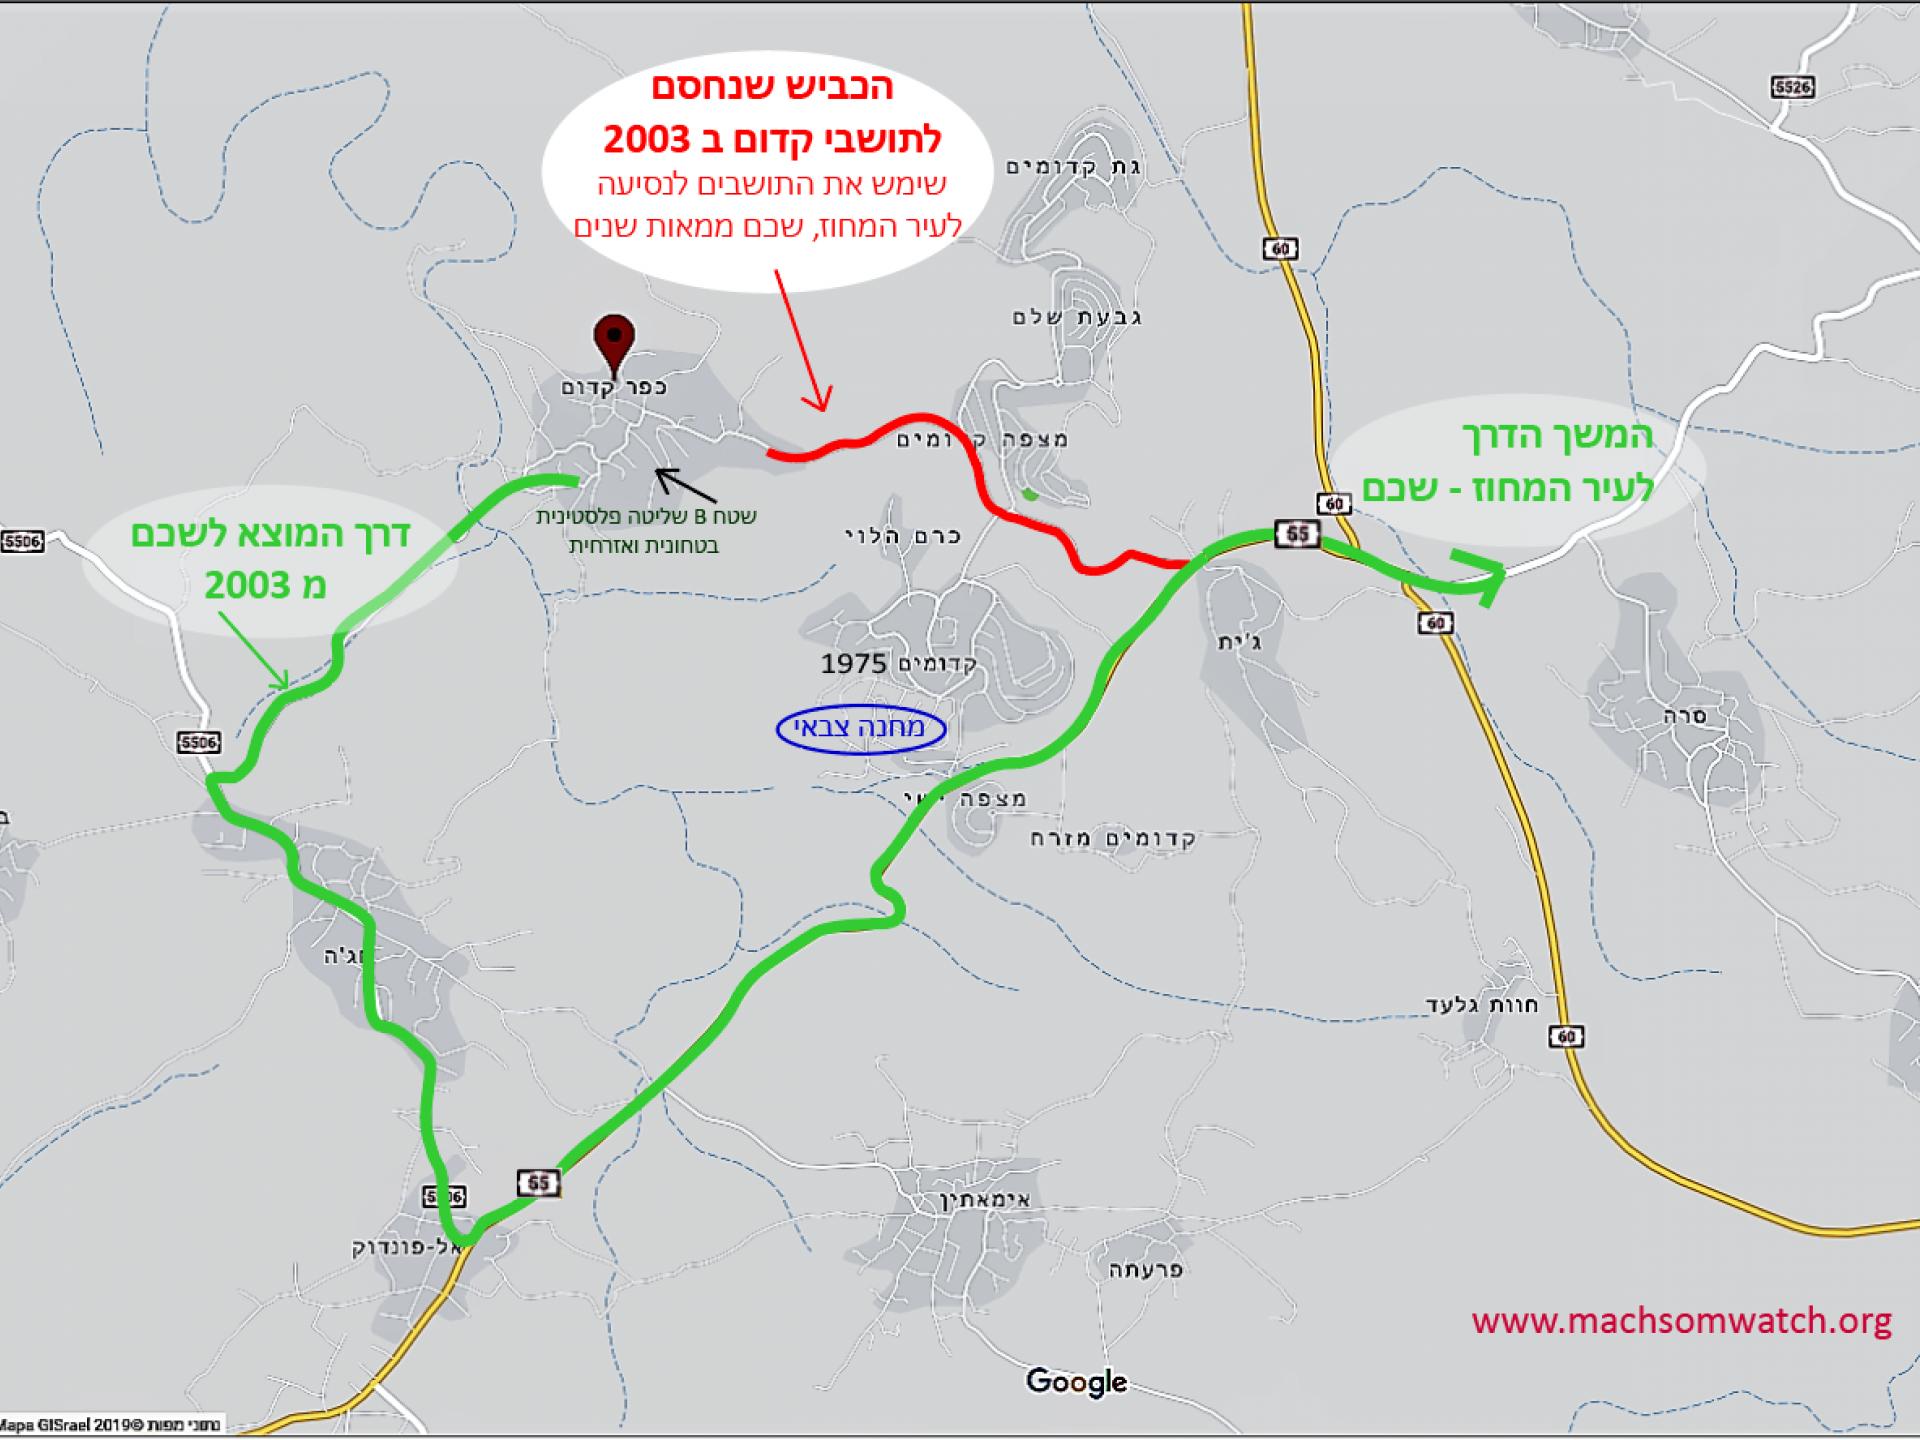 מפת אזור קדום - קדומים